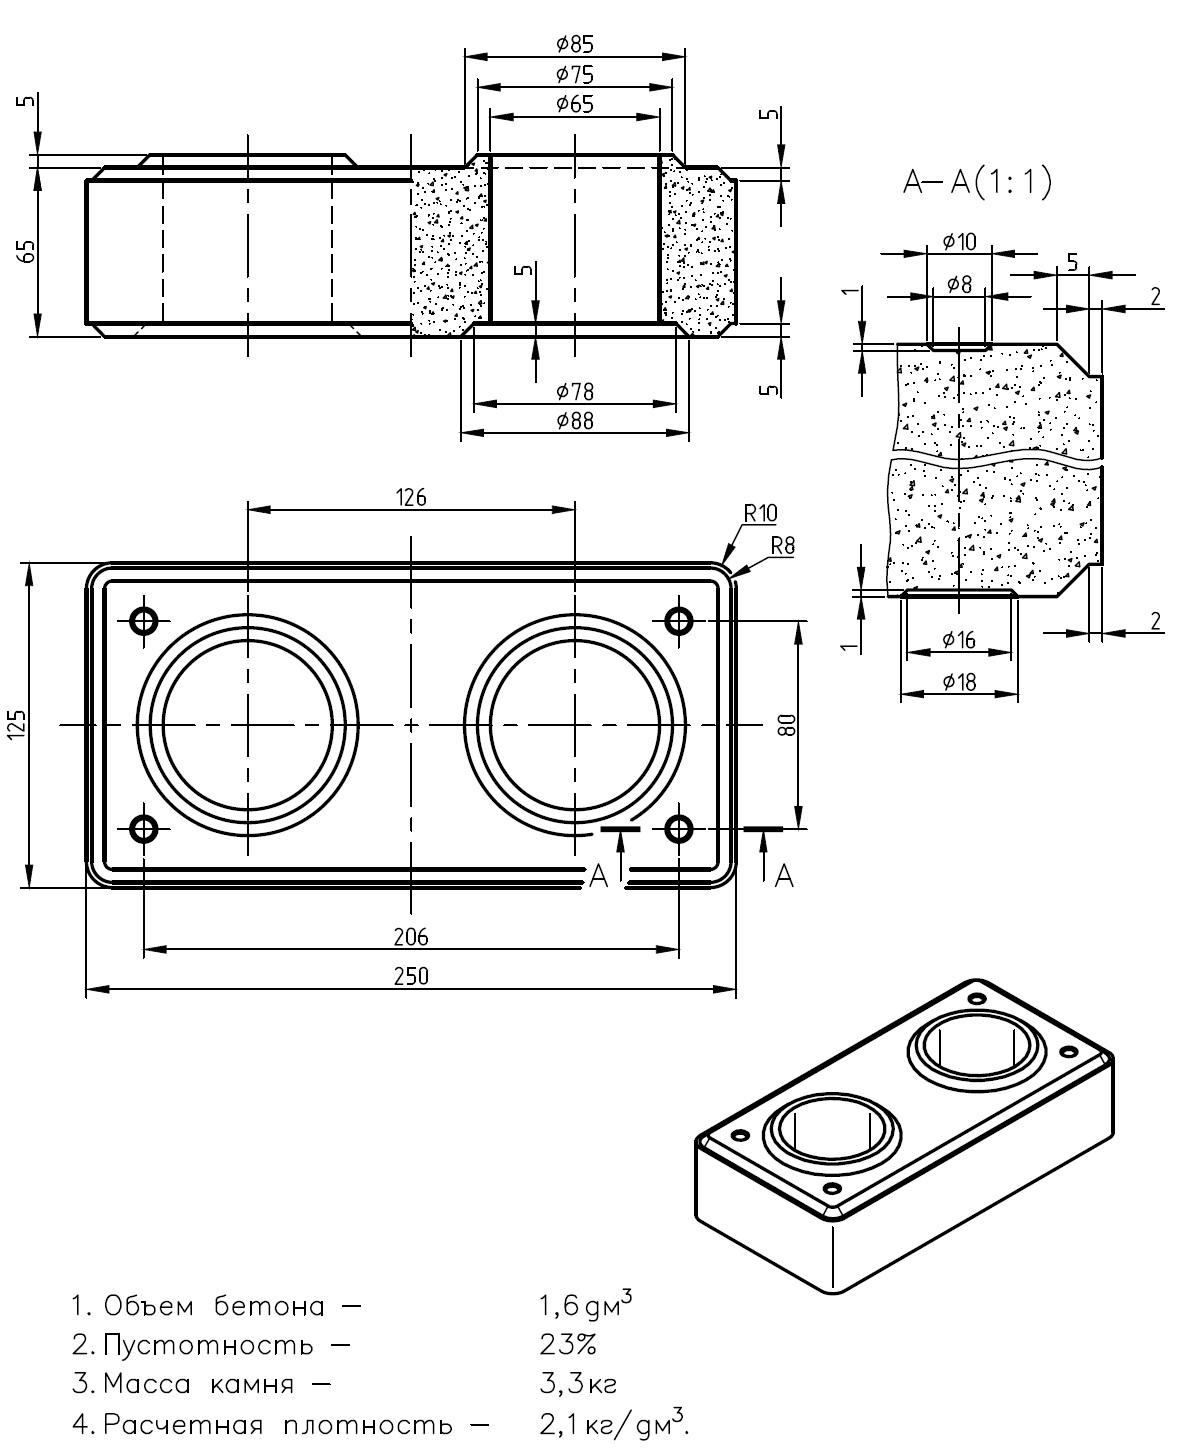 Лего кирпич: достоинства, характеристика, оборудование для производства!